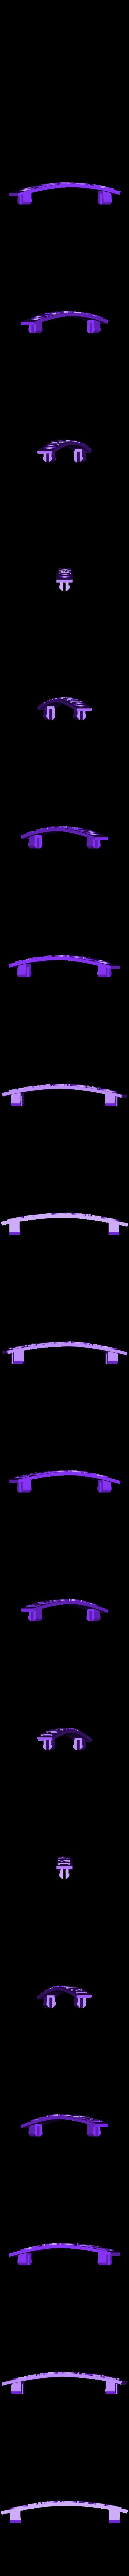 piaggio insignia 3.stl Download STL file Piaggio Vespa Emblems • 3D printable design, abauerenator